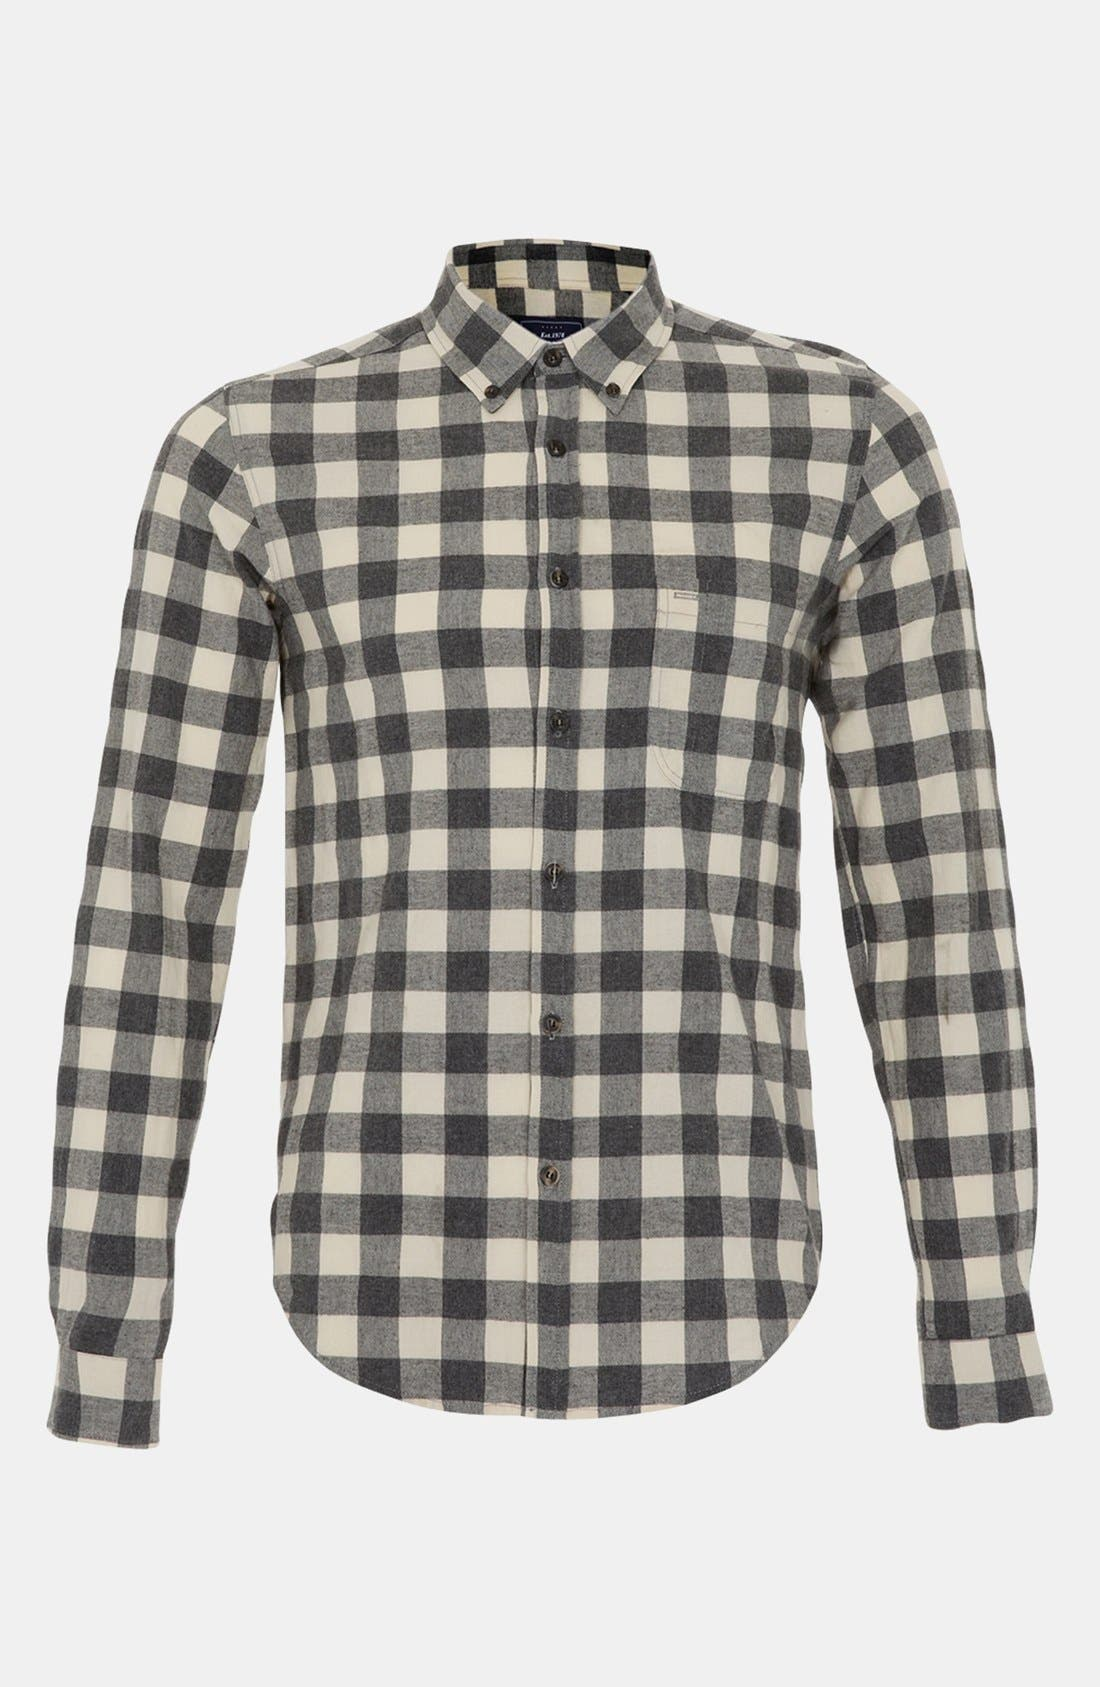 Alternate Image 1 Selected - Topman Gingham Shirt